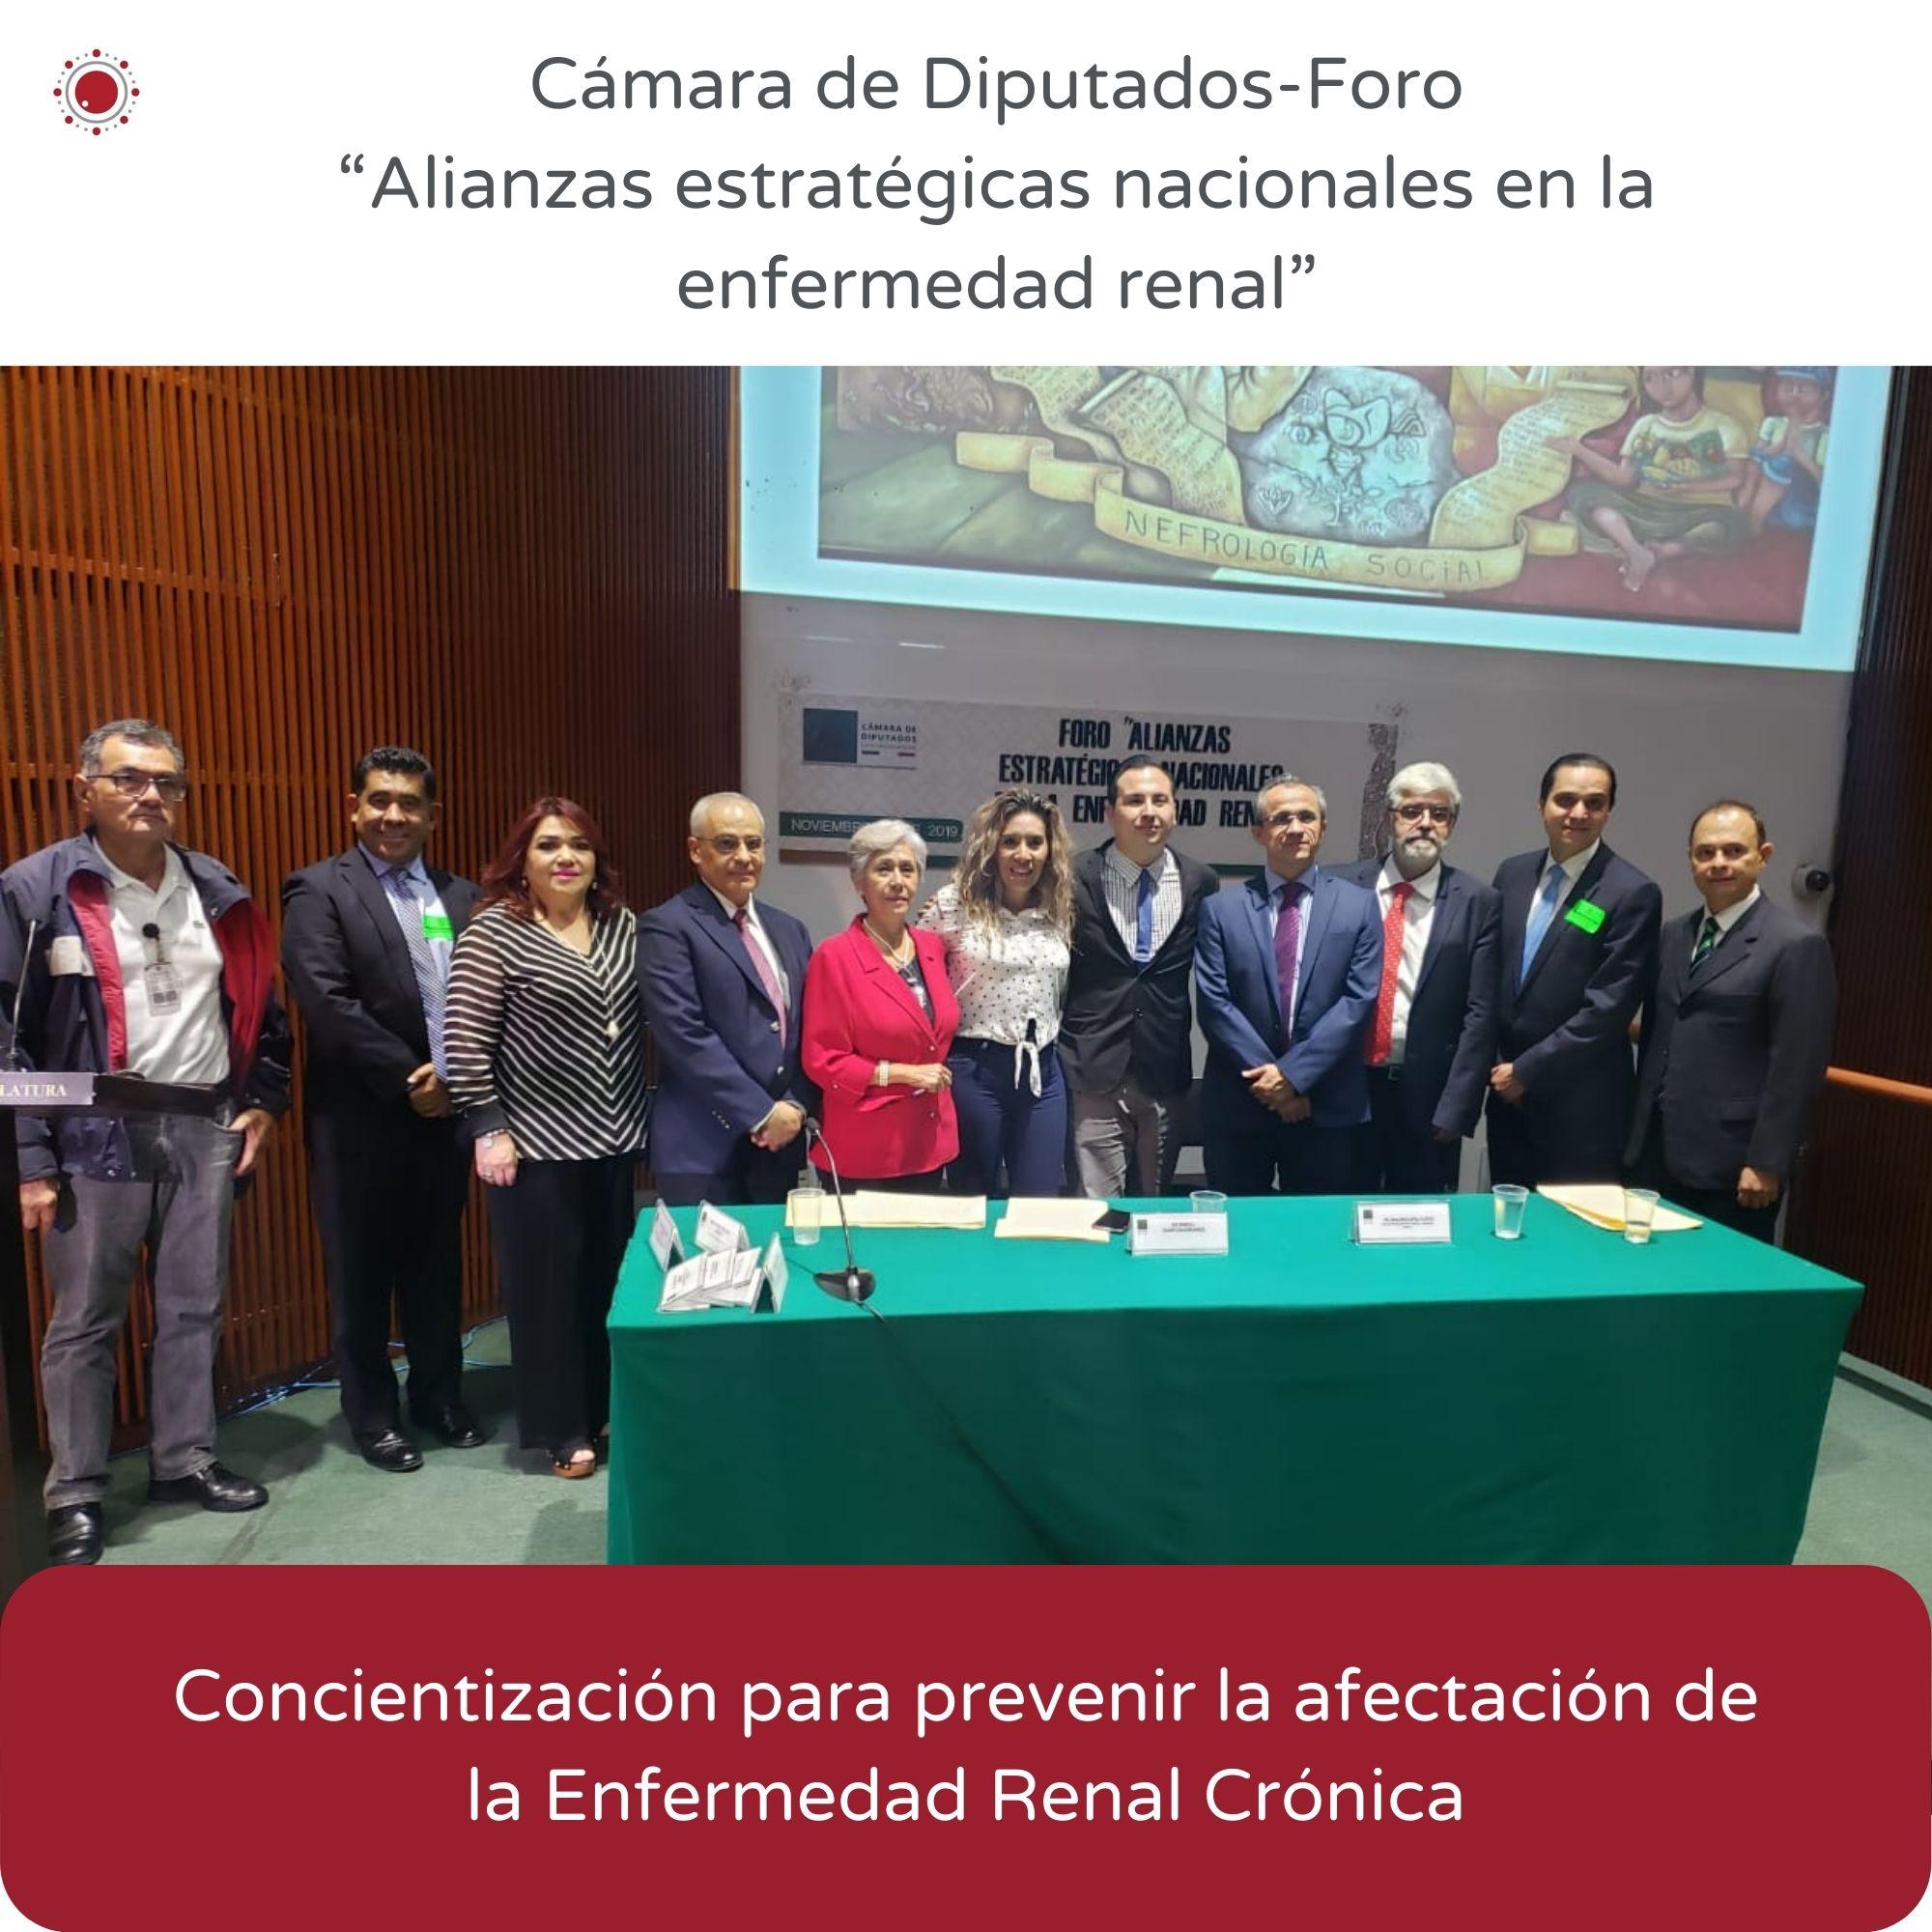 REBIO-Camara de diputados